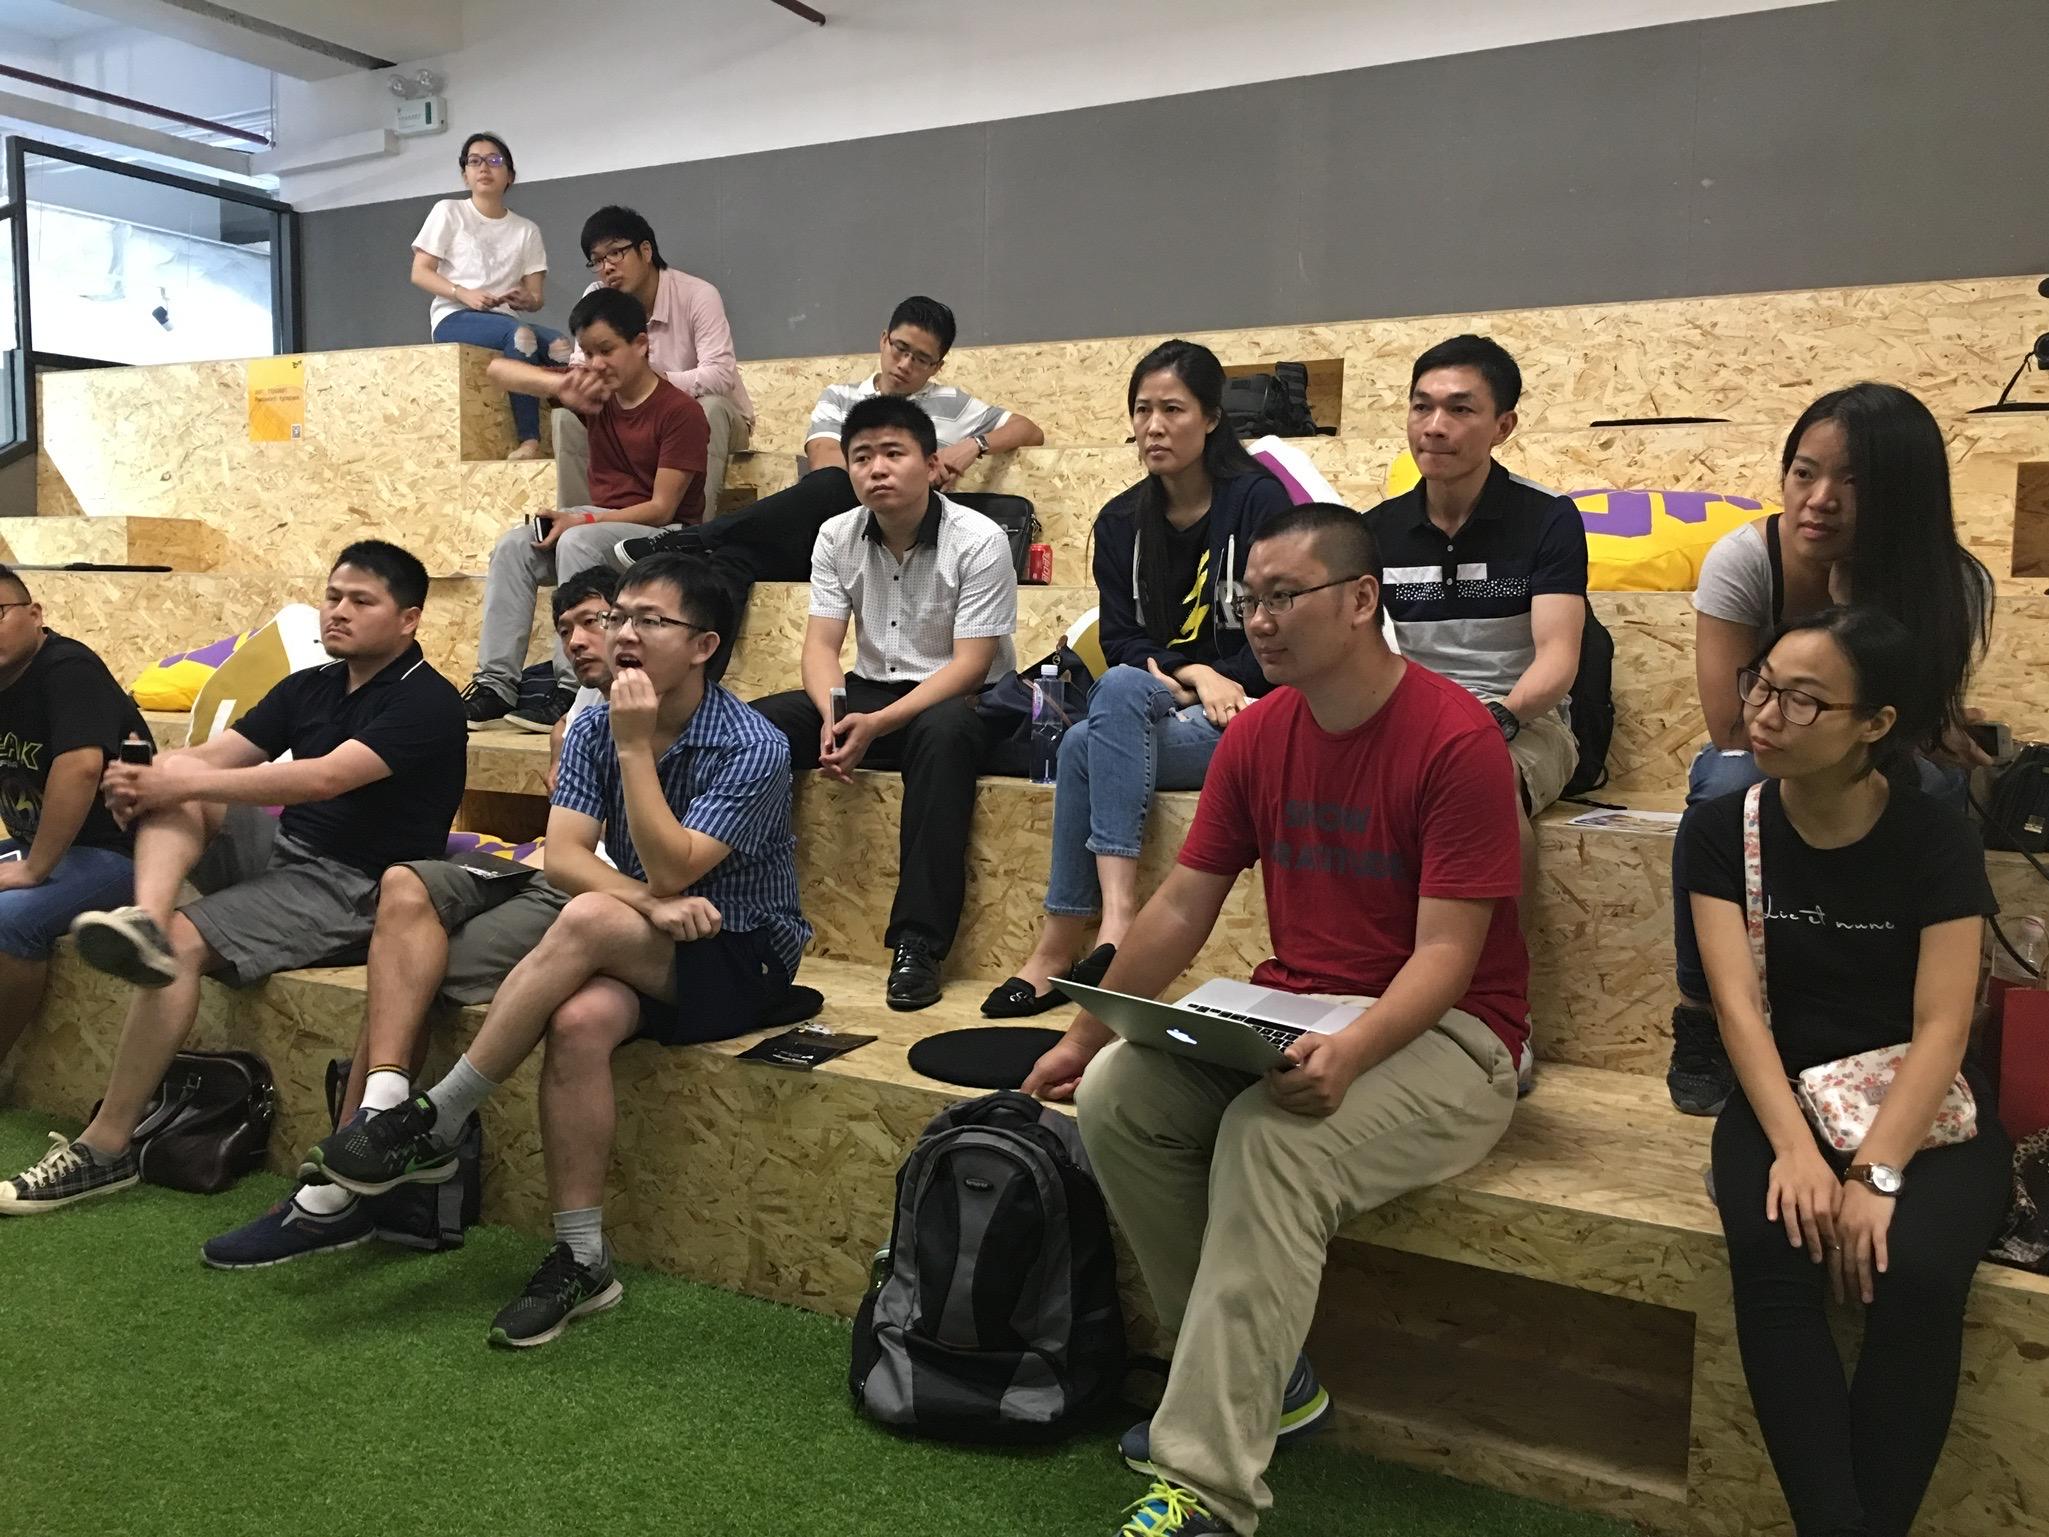 First Blockstack Meetup in Shenzhen.